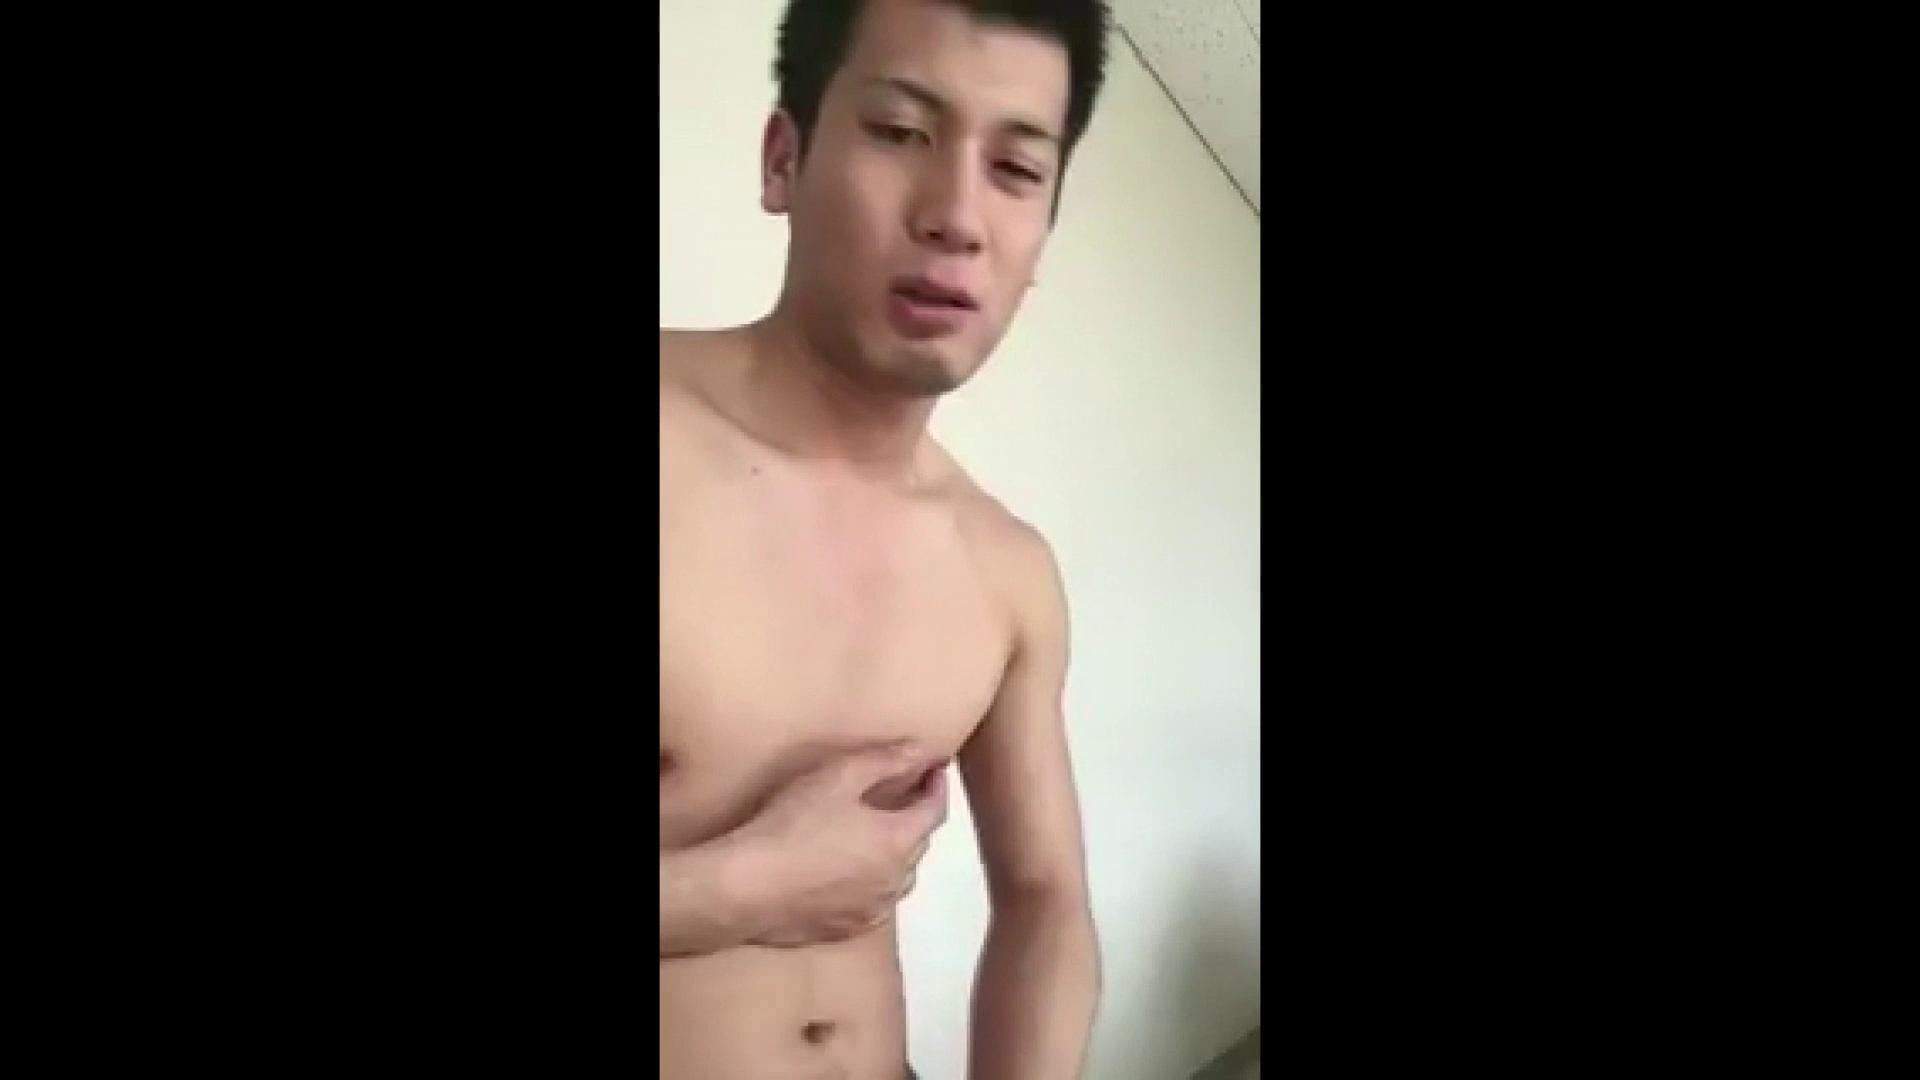 個人撮影 自慰の極意 Vol.5 自慰動画 | 個人撮影 エロビデオ紹介 12連発 4